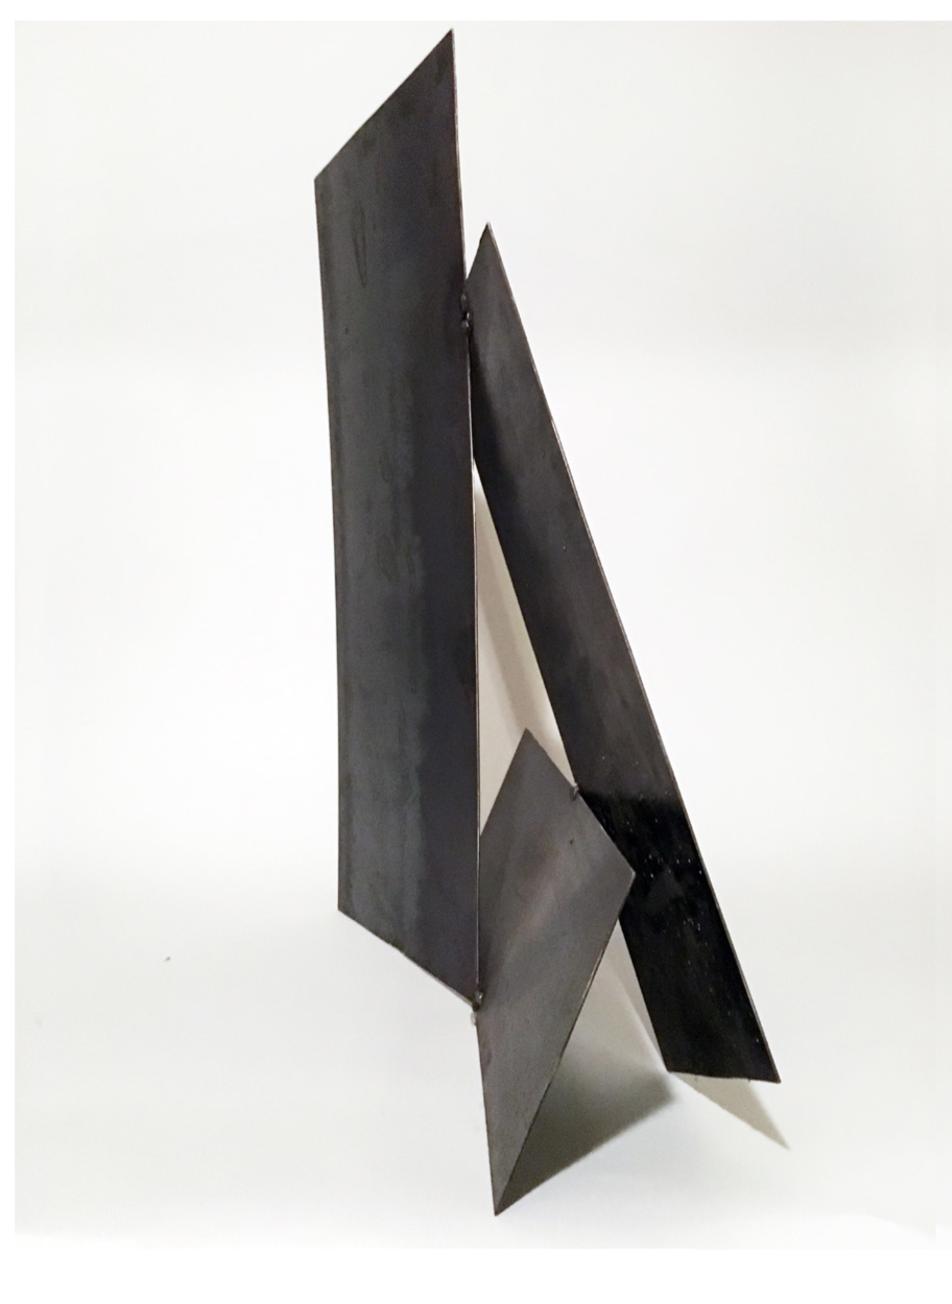 Steel, 2016